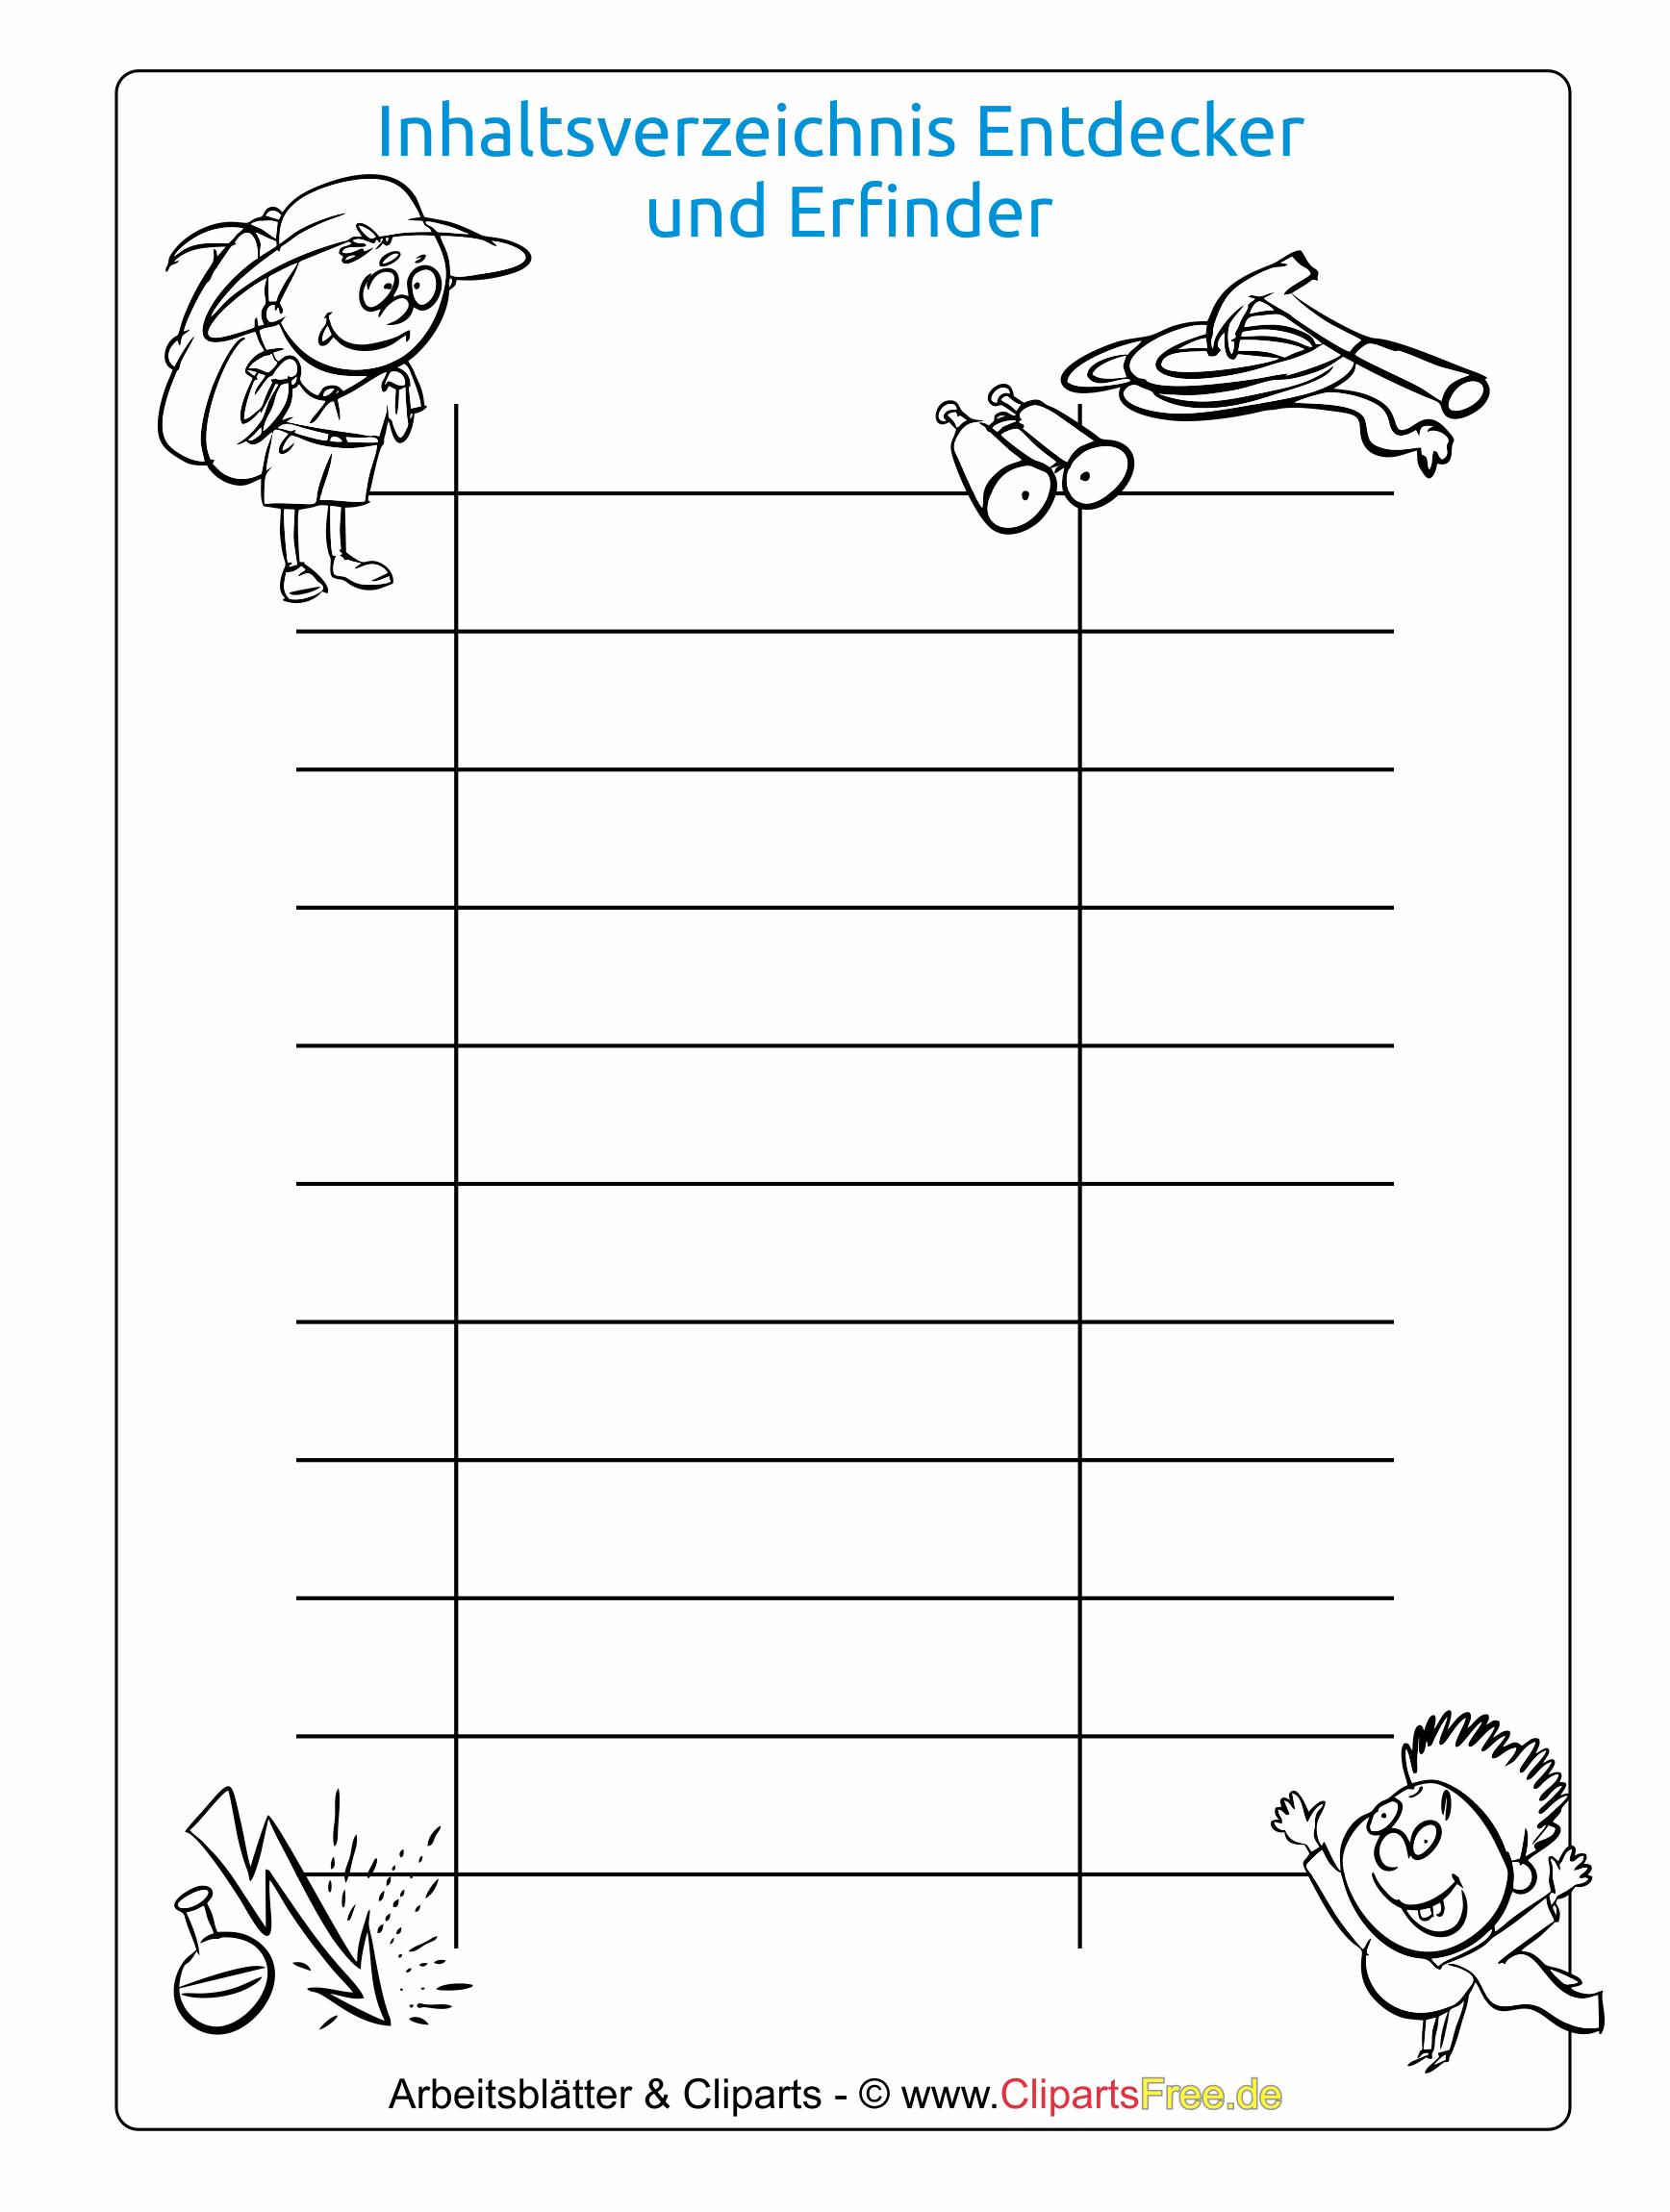 Inhaltsverzeichnis Zum Ausdrucken Schule: Inhaltsverzeichnis Vorlage Download Schule